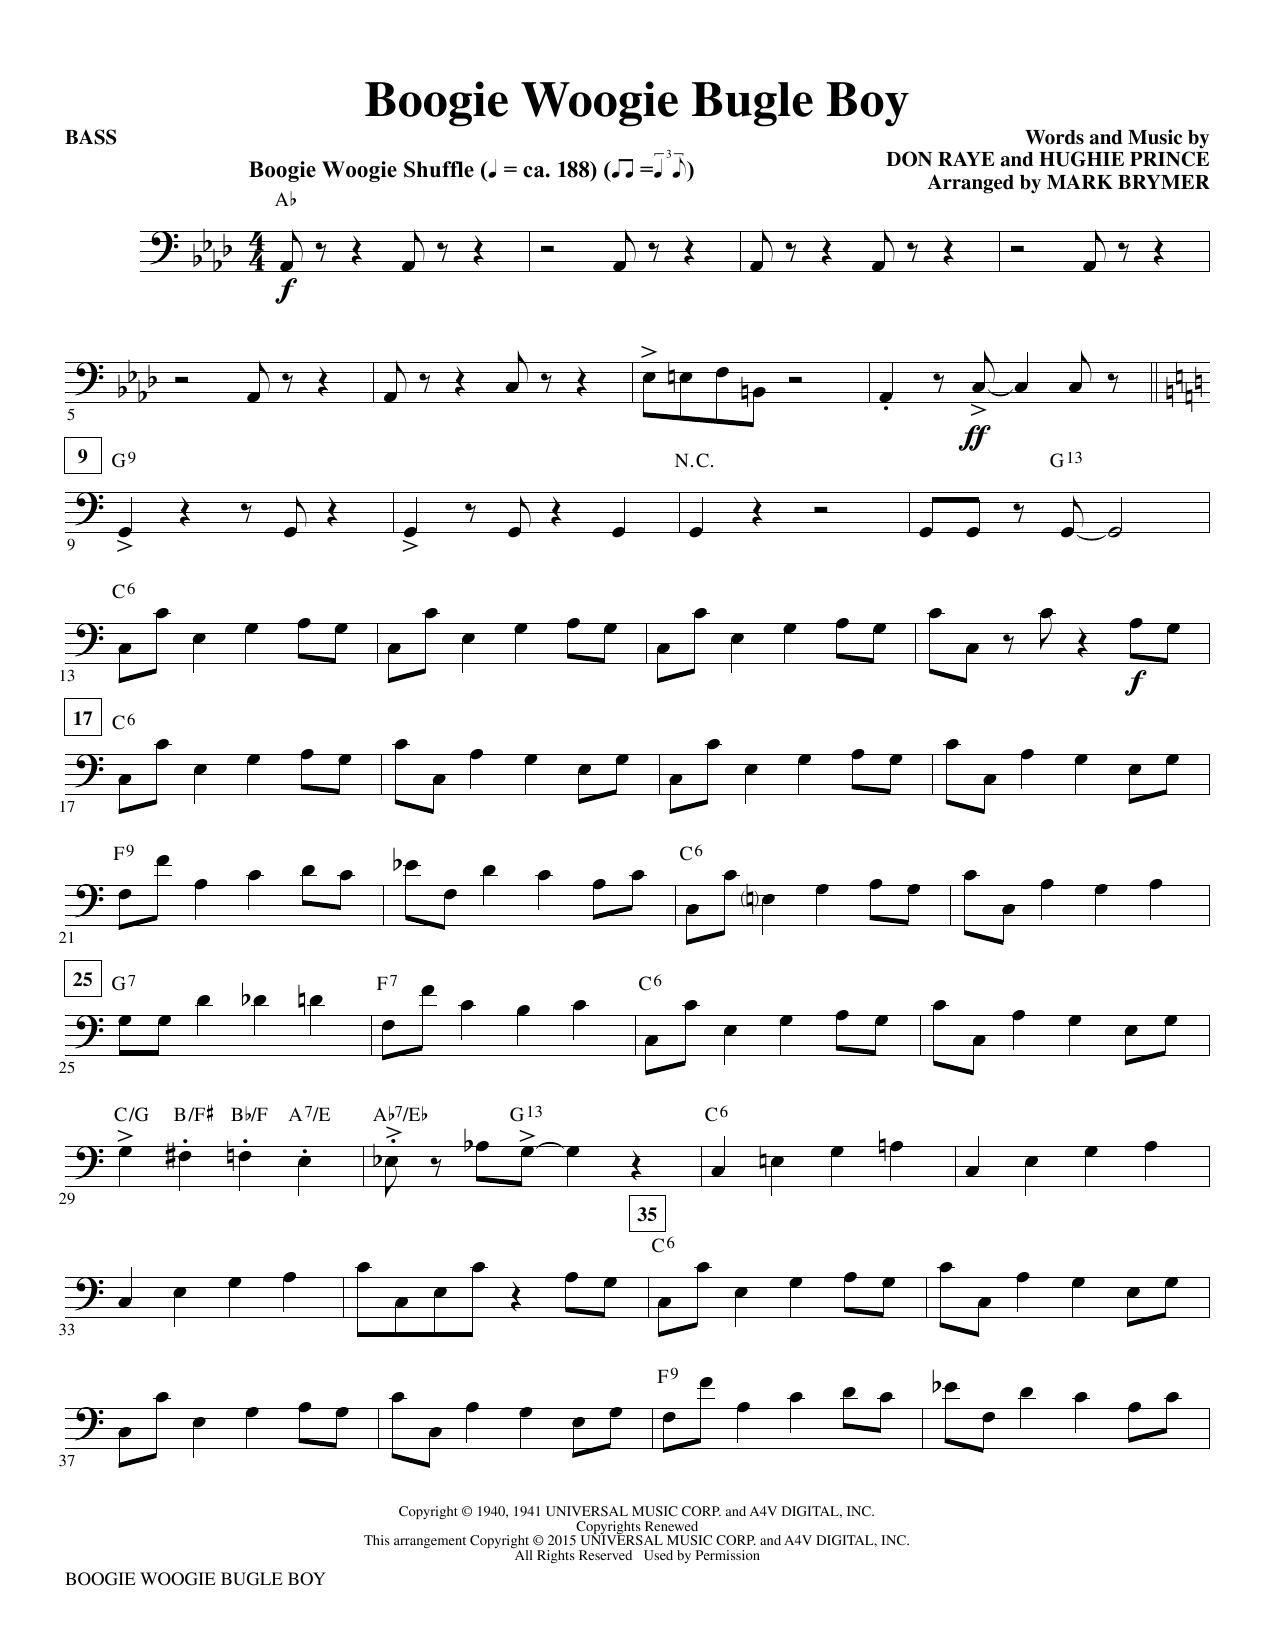 Boogie Woogie Bugle Boy - Bass Sheet Music